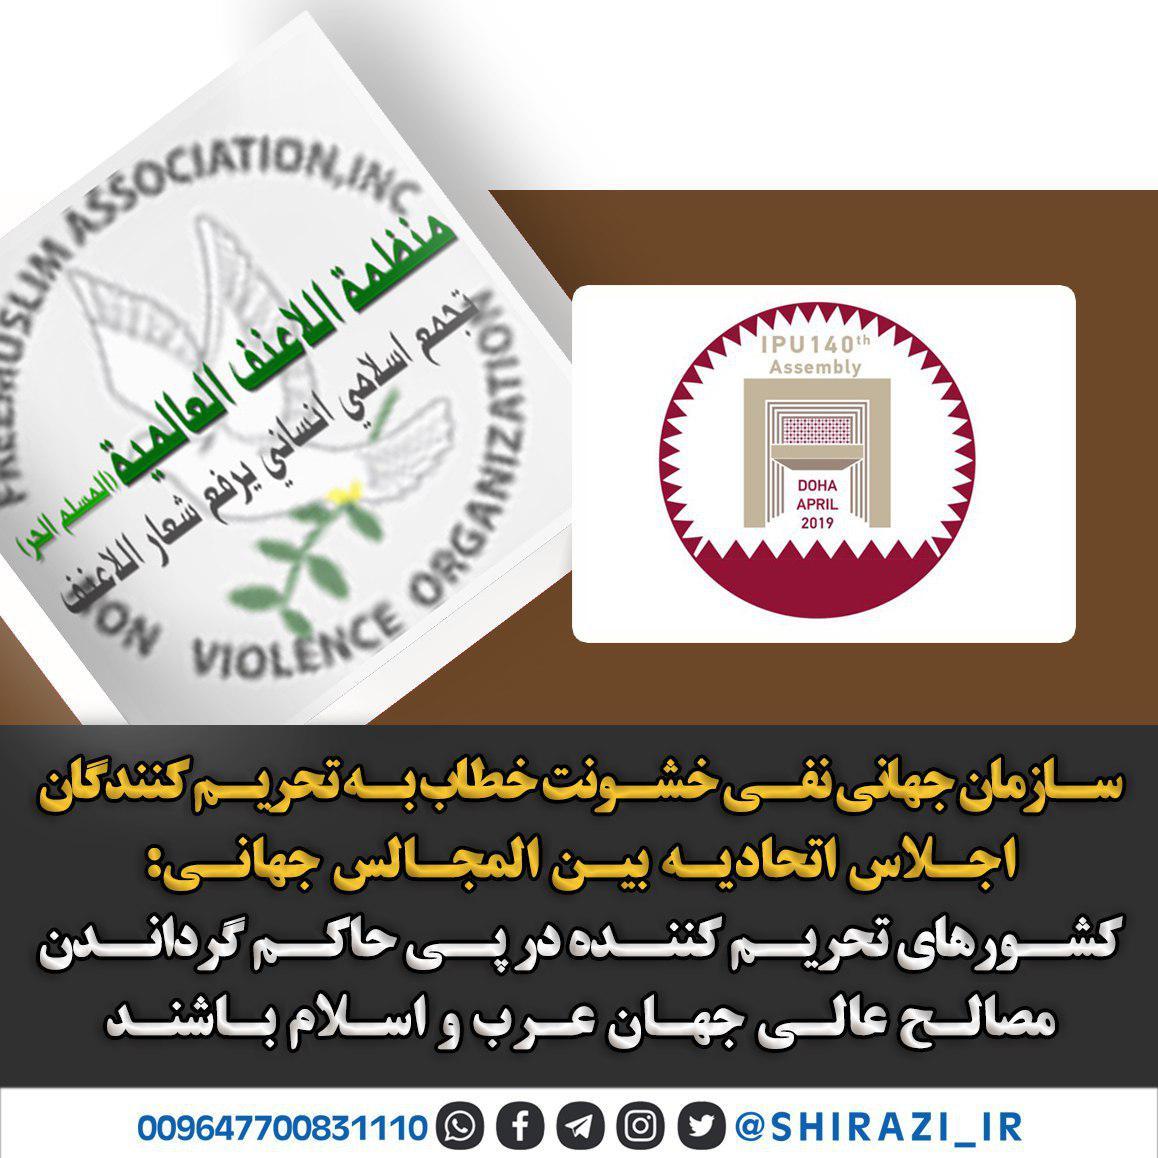 تصویر مسلمان آزاده: تحریم کنندگان اجلاس اتحادیهبین المجالس مصالح جهان عرب و اسلام را در نظر بگیرند